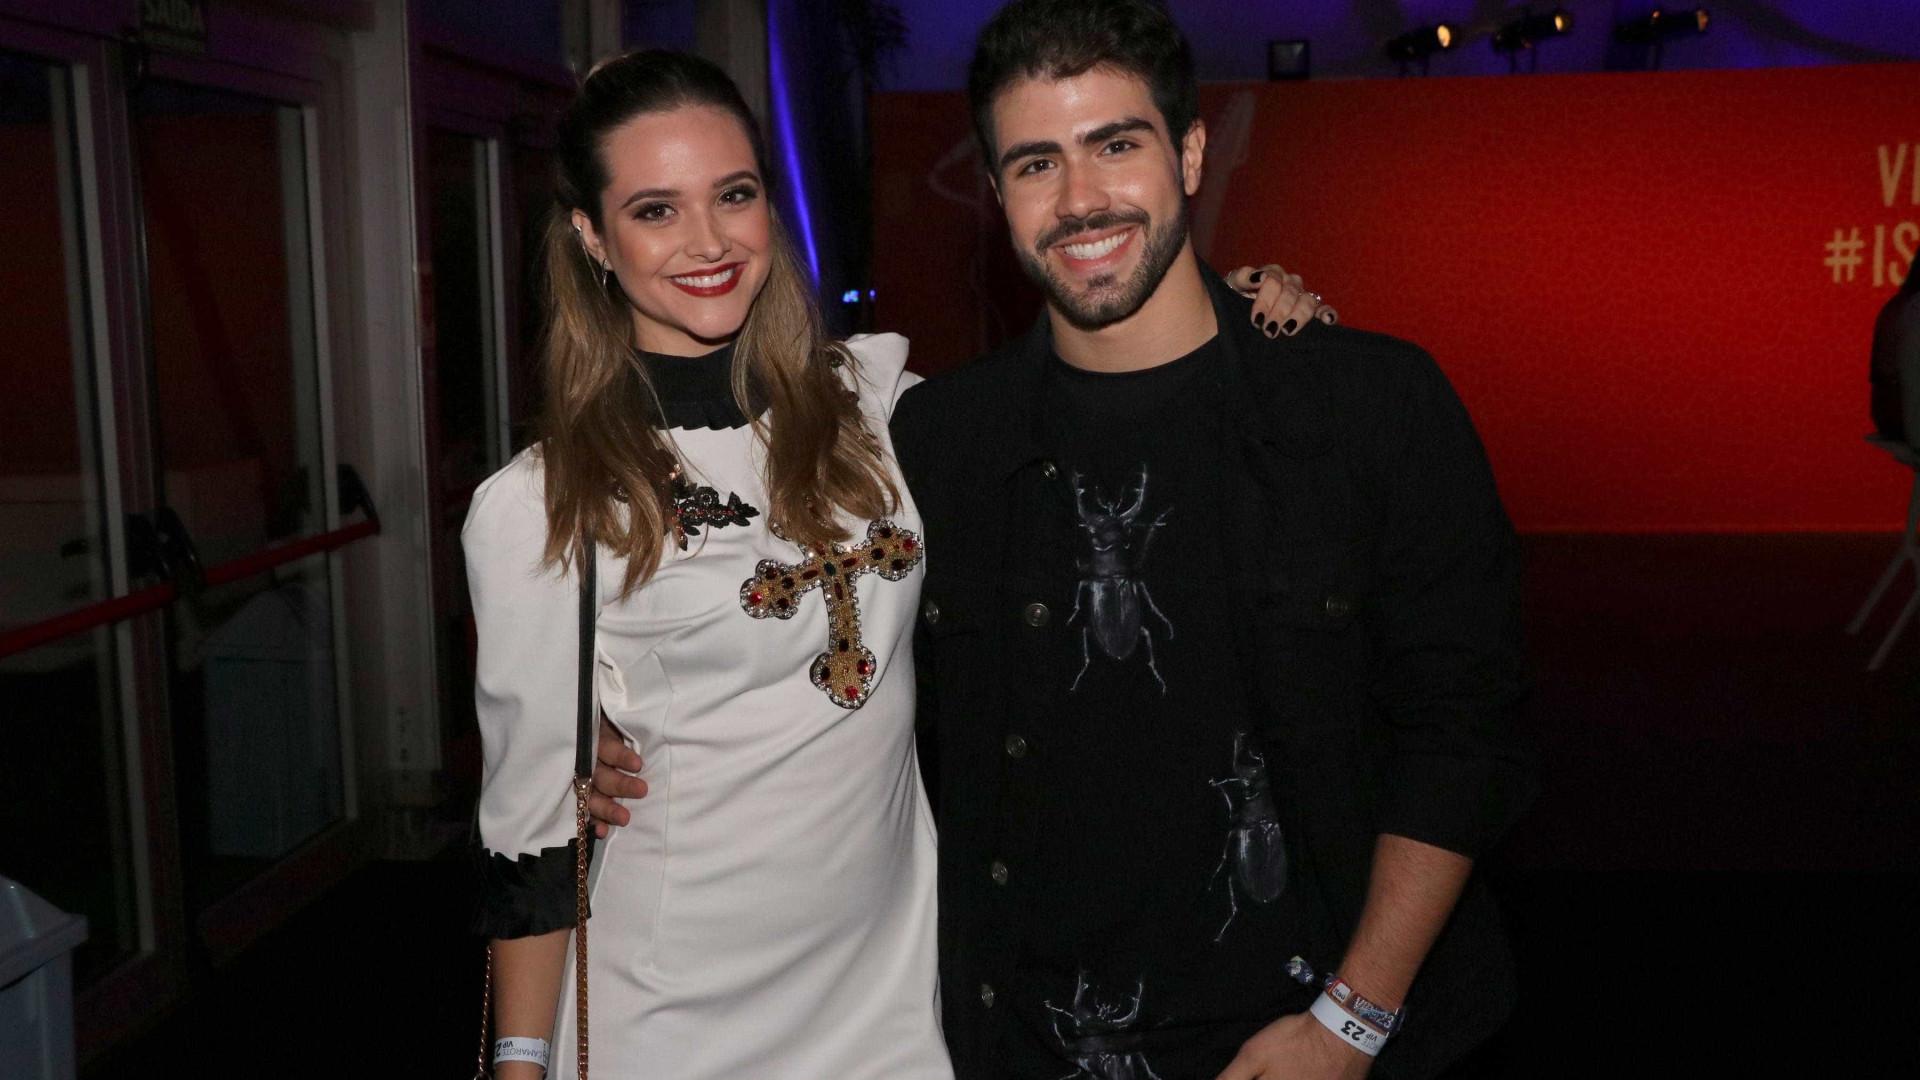 Juliano Laham diz não se incomodar com público curioso pelo seu namoro